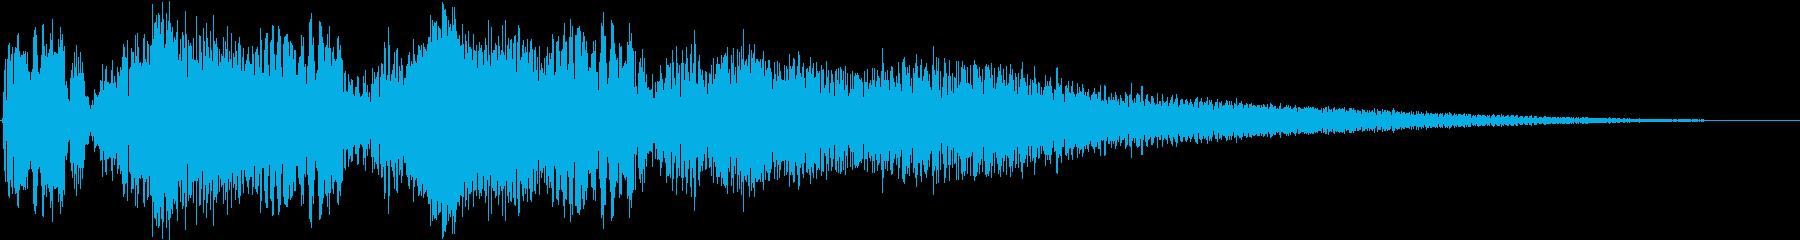 バイク オートバイの迫力あるアクセル音6の再生済みの波形